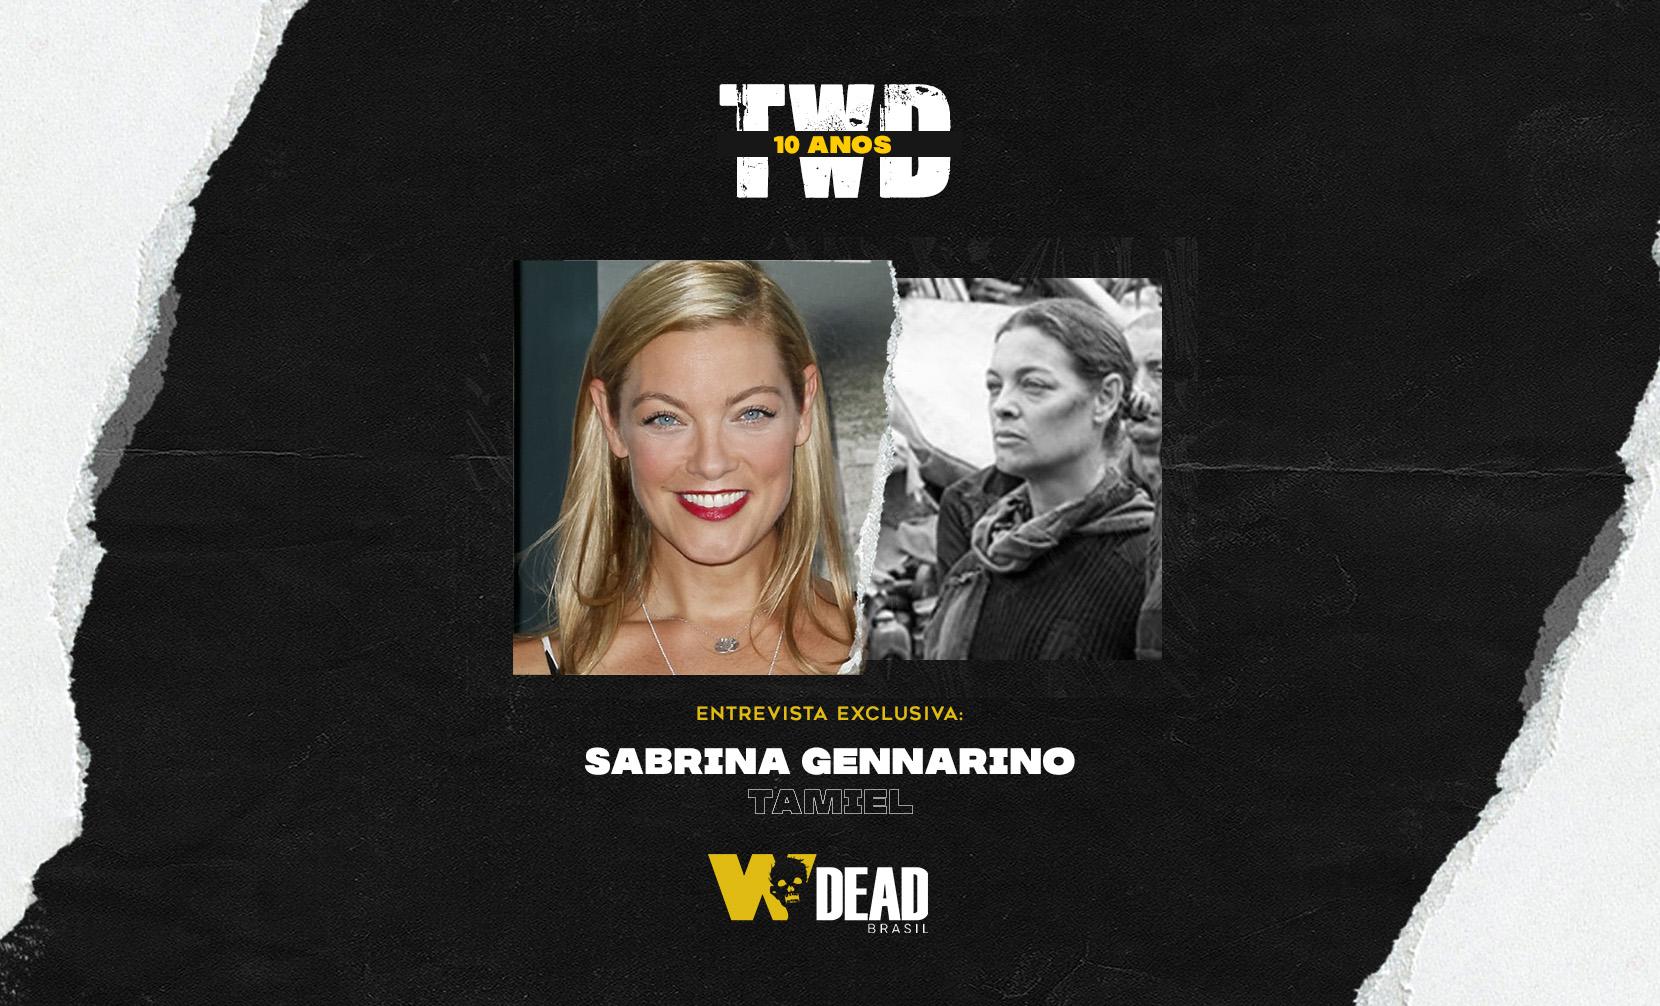 arte com Sabrina Gennarino e Tamiel para comemorar os 10 anos de The Walking Dead